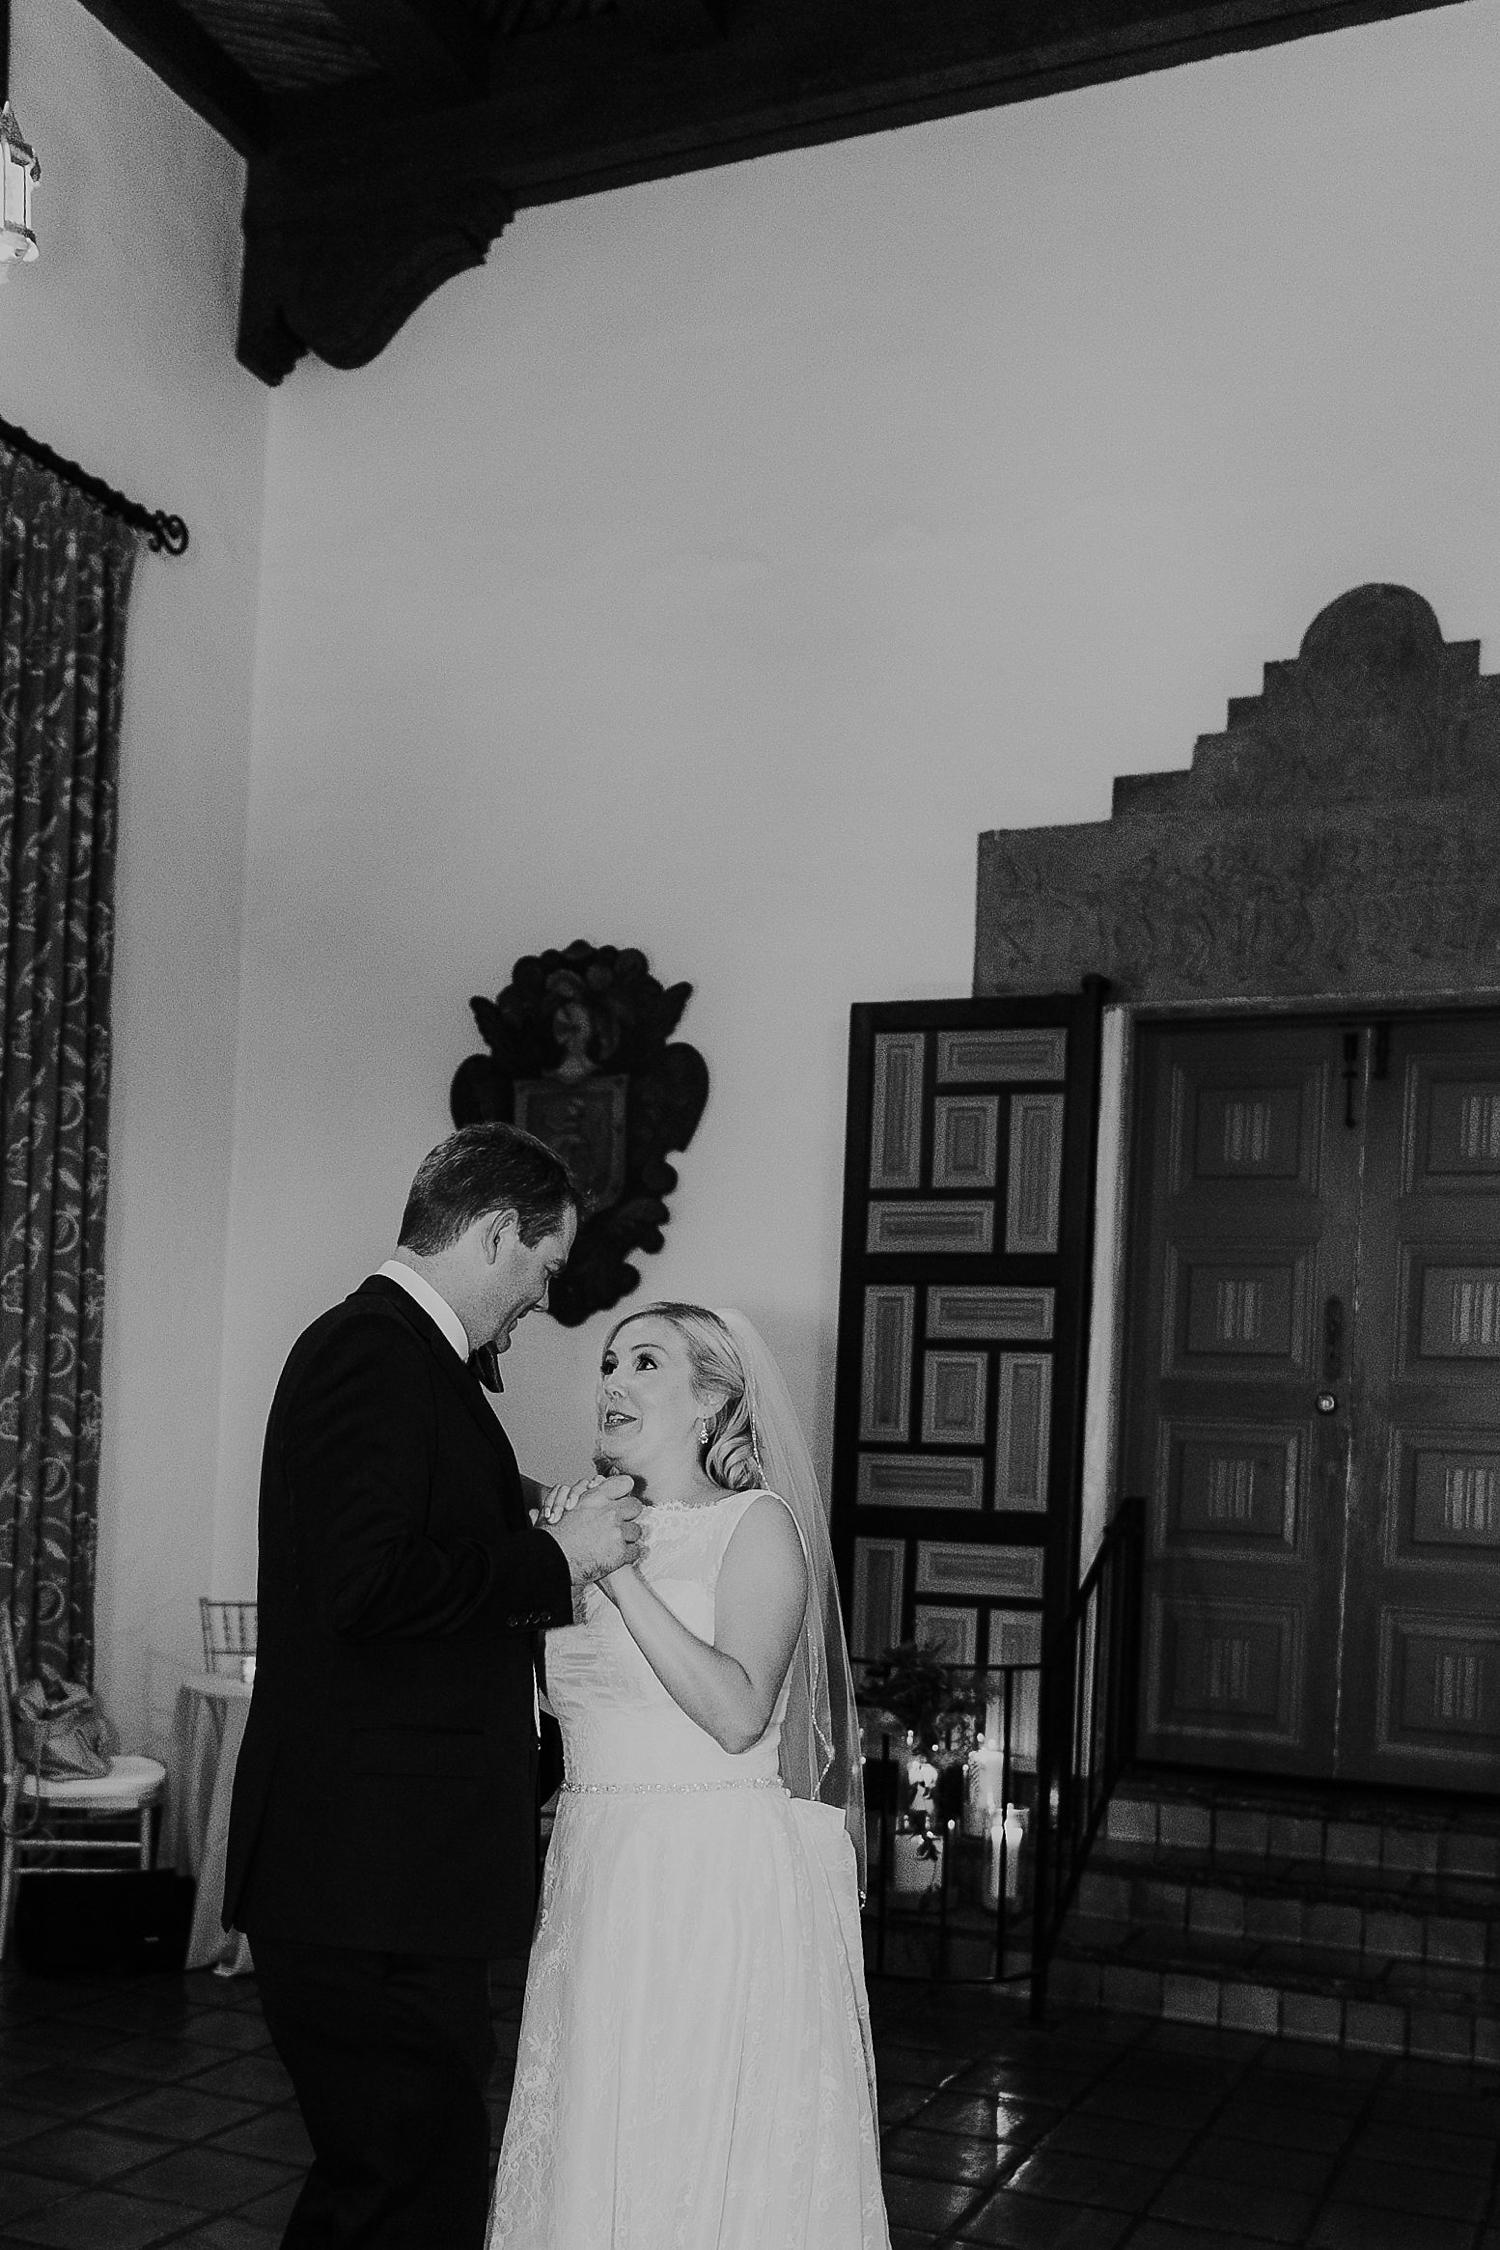 Alicia+lucia+photography+-+albuquerque+wedding+photographer+-+santa+fe+wedding+photography+-+new+mexico+wedding+photographer+-+la+fonda+wedding+-+la+fonda+fall+wedding+-+intimate+la+fonda+wedding_0043.jpg